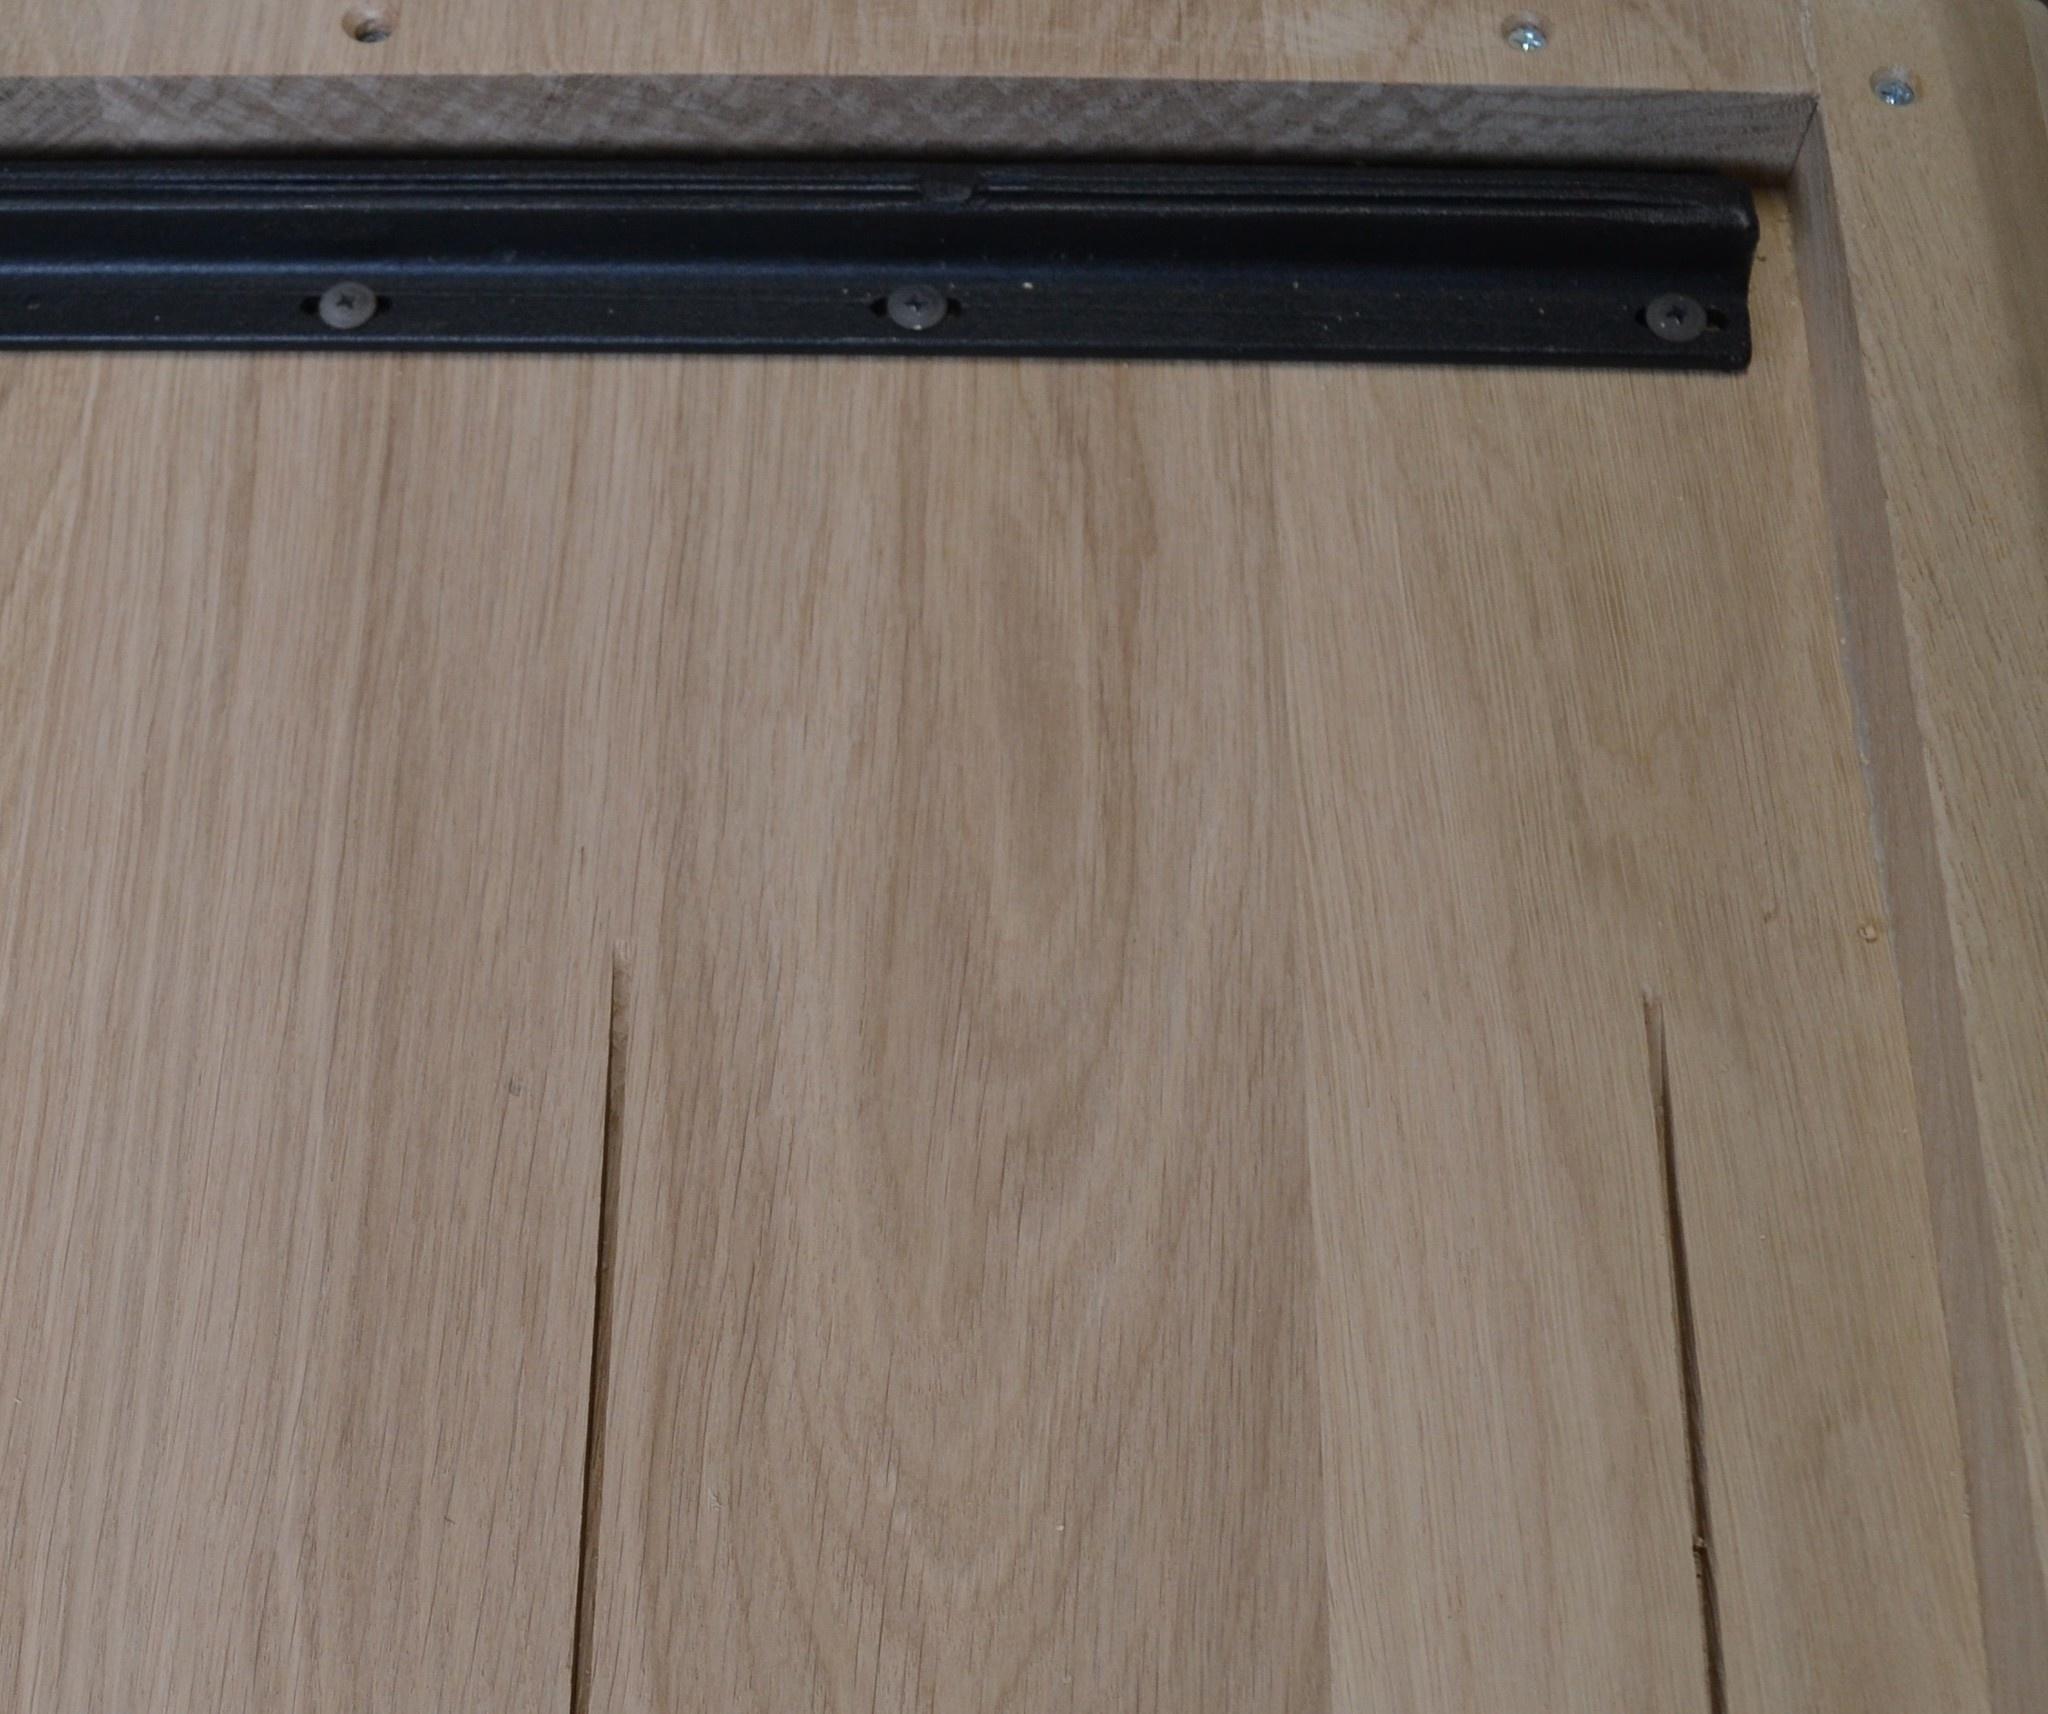 Tischplatte Wildeiche - 100x200-300 cm - 4,5 cm dick - 2-lagig rundum verdickt - mit abgeschrägten Kanten - Asteiche (rustikal) - Eiche Tischplatte - Verleimt & künstlich getrocknet (HF 8-12%)